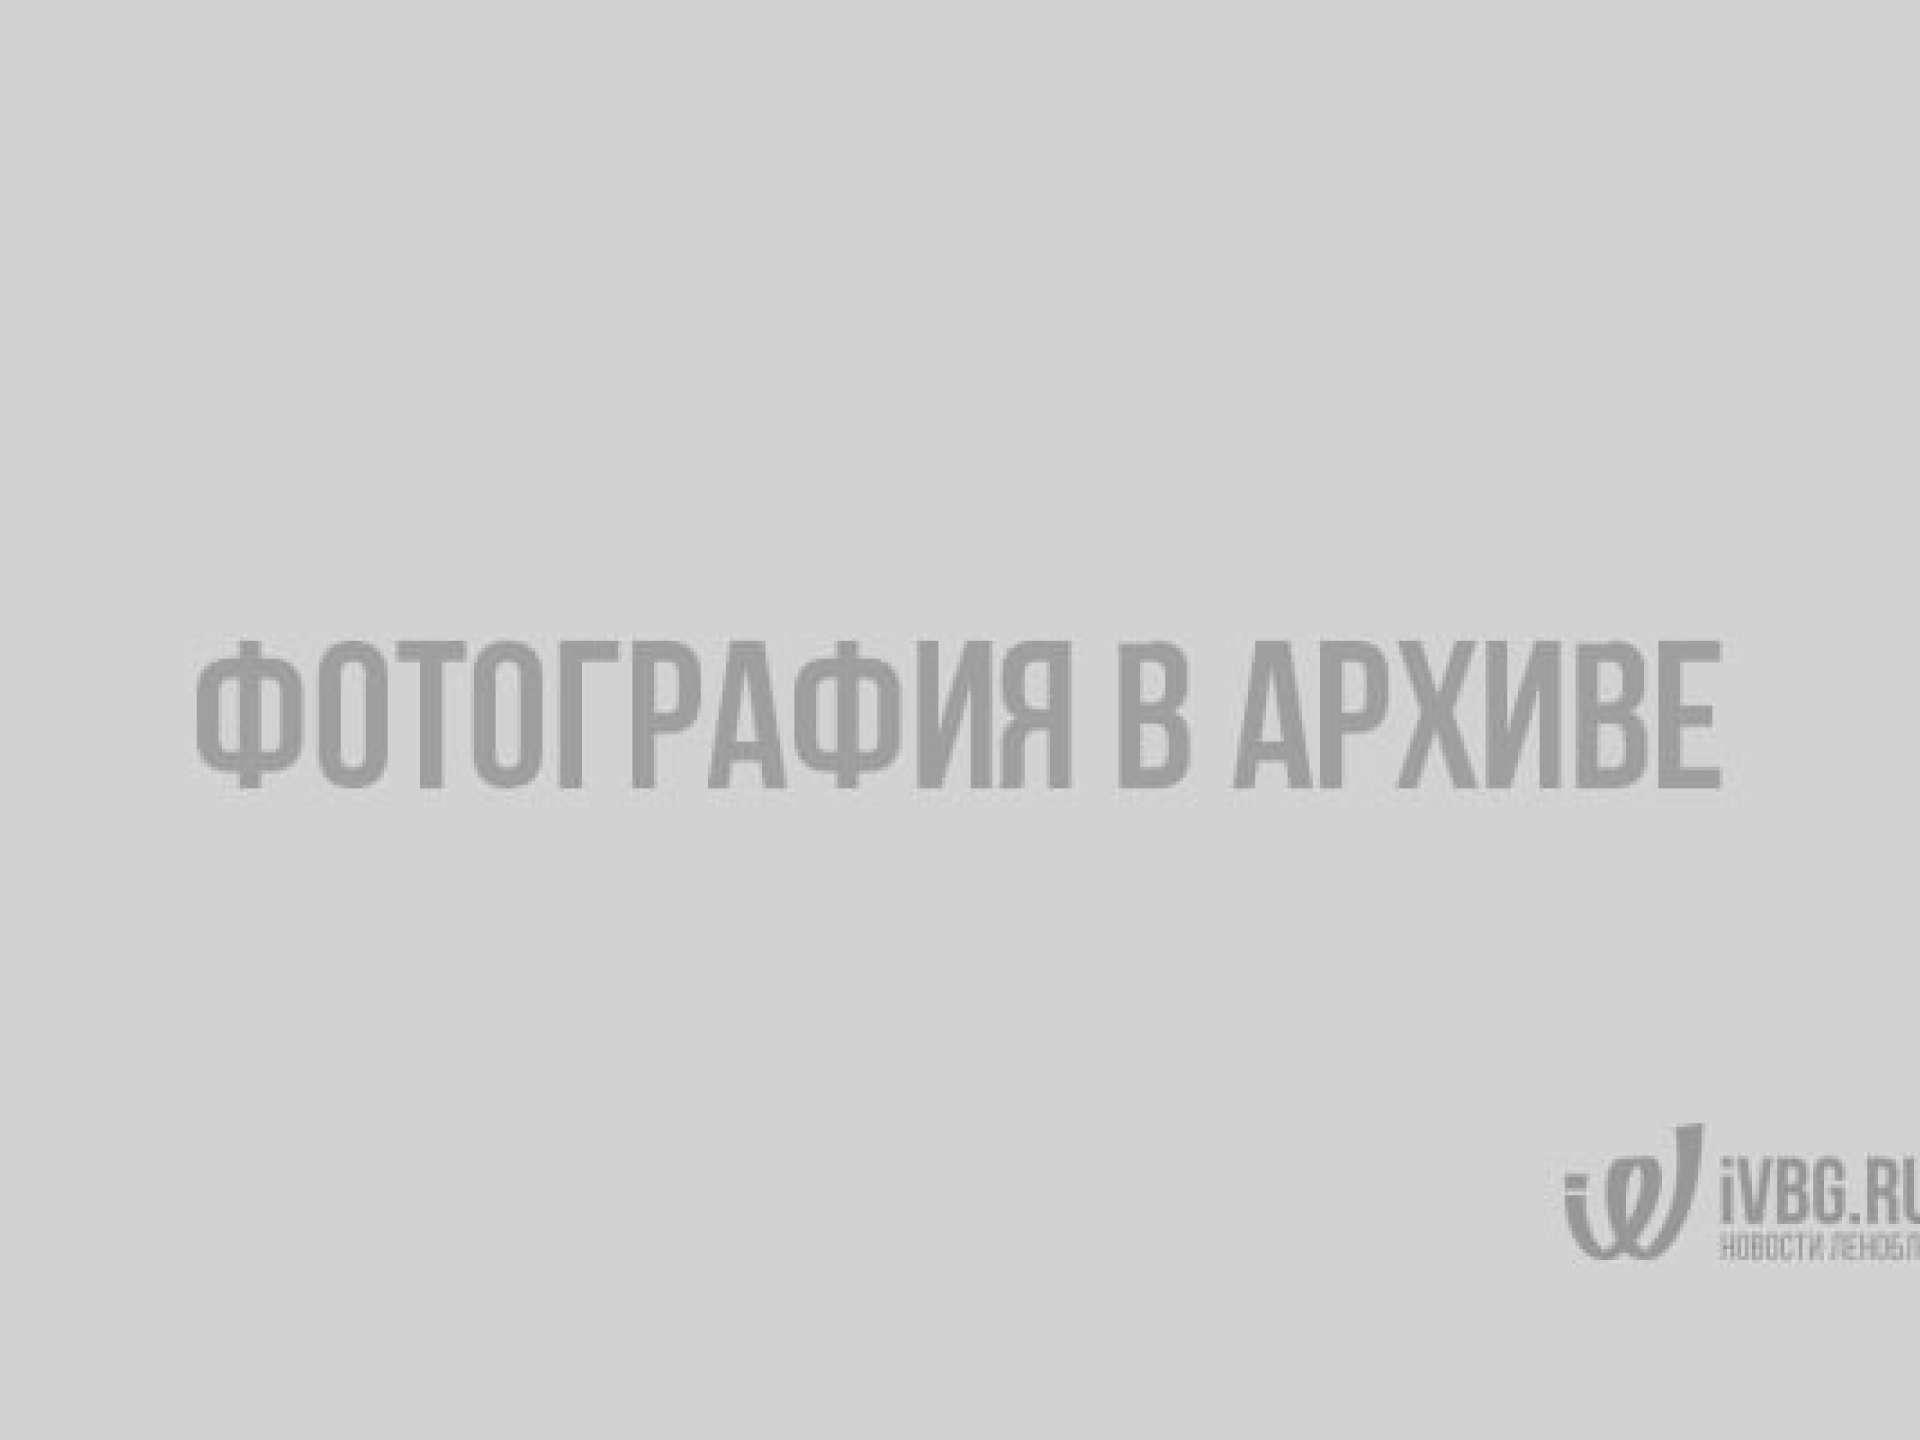 В Приозерске продолжается работа по благоустройству города Приозерск, пешеходные дорожки, благоустройство